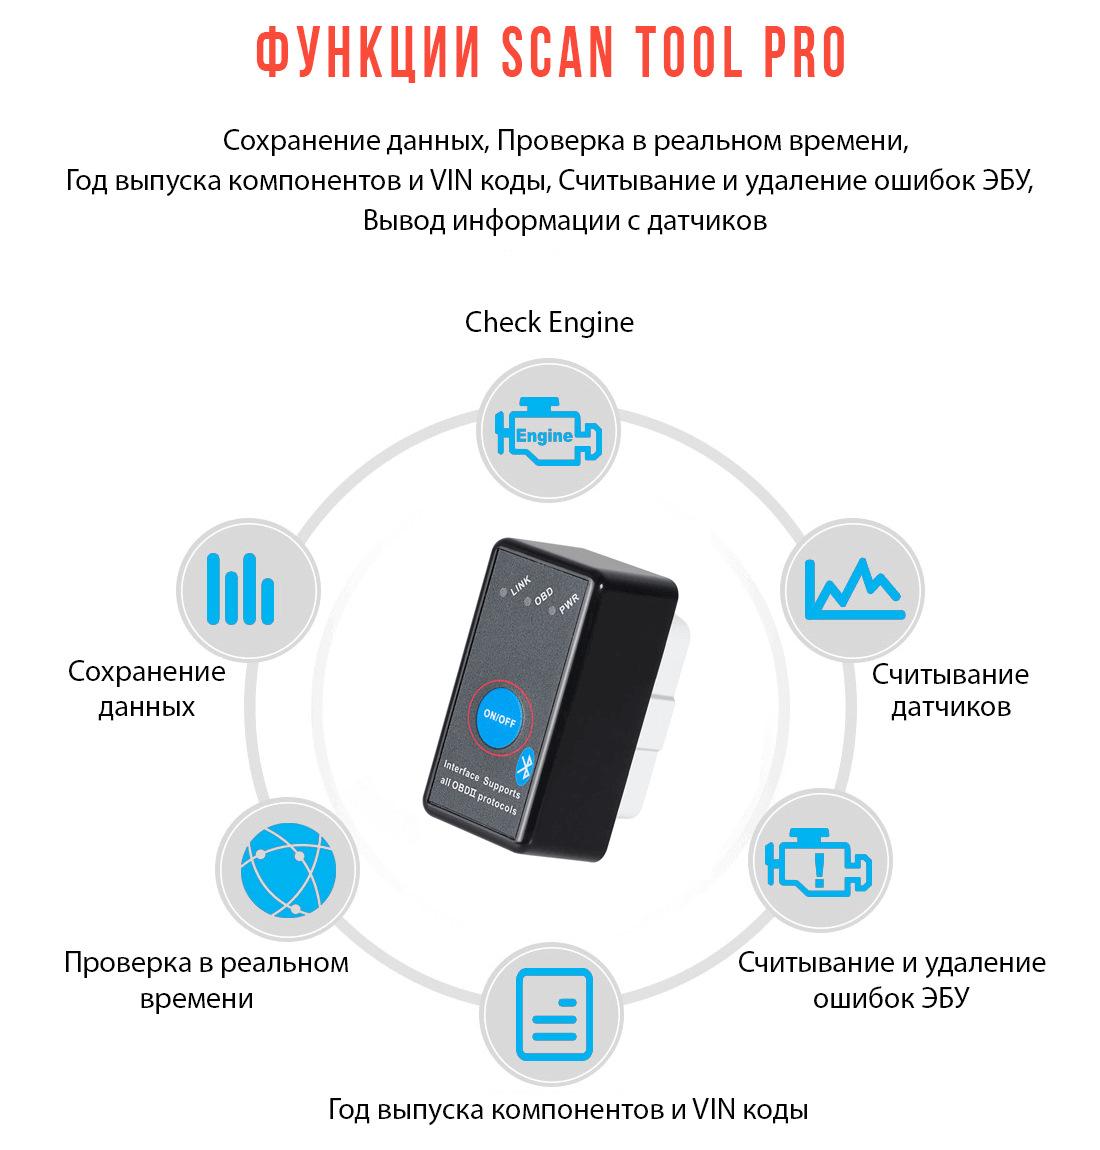 программа для диагностики автомобилей на русском языке